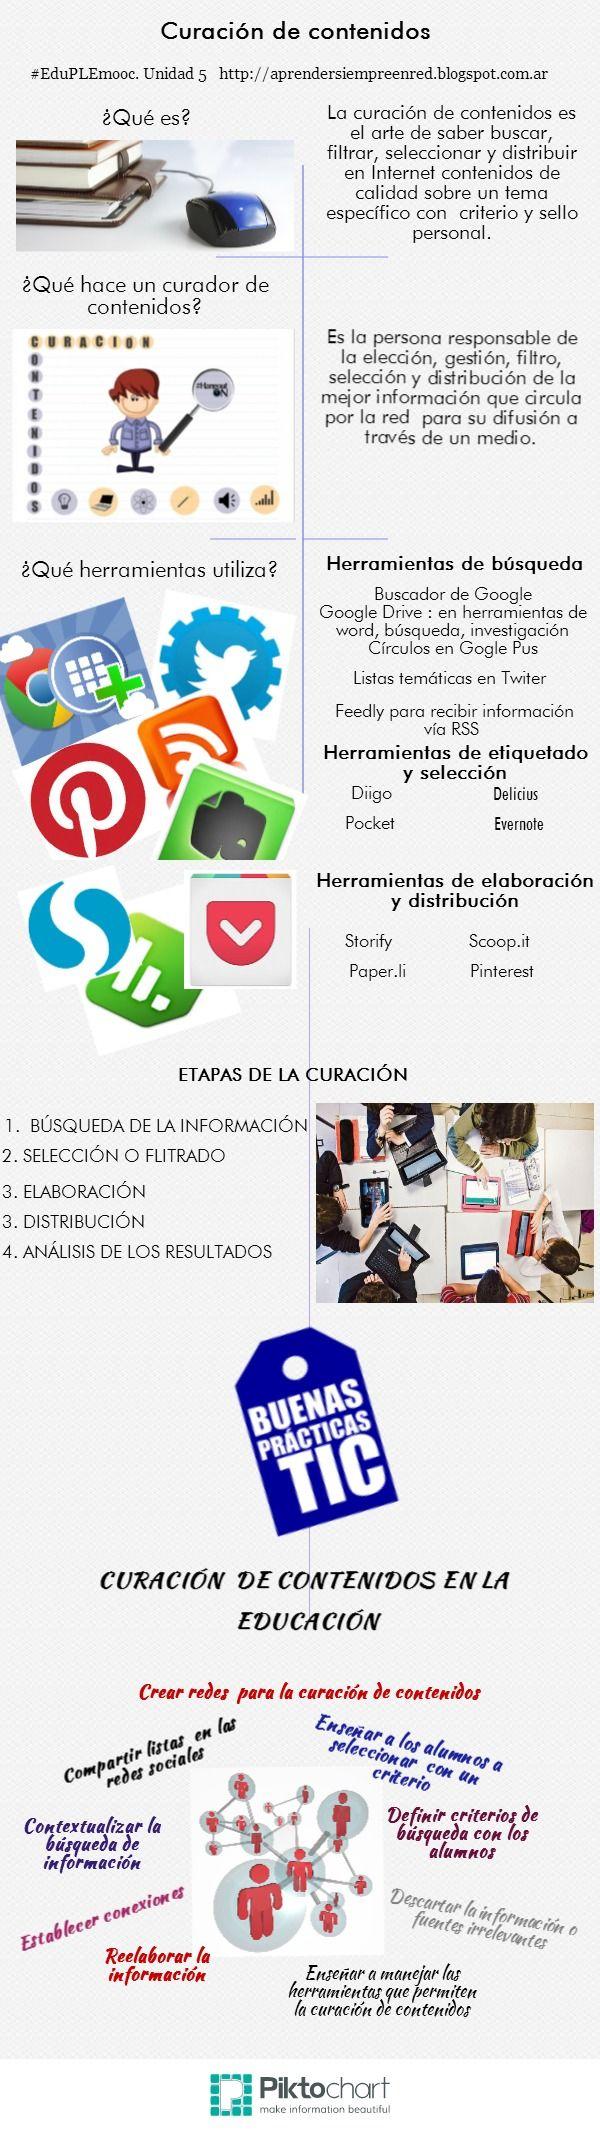 Infografía Curación de contenidos #EduPLEmoooc #infografía